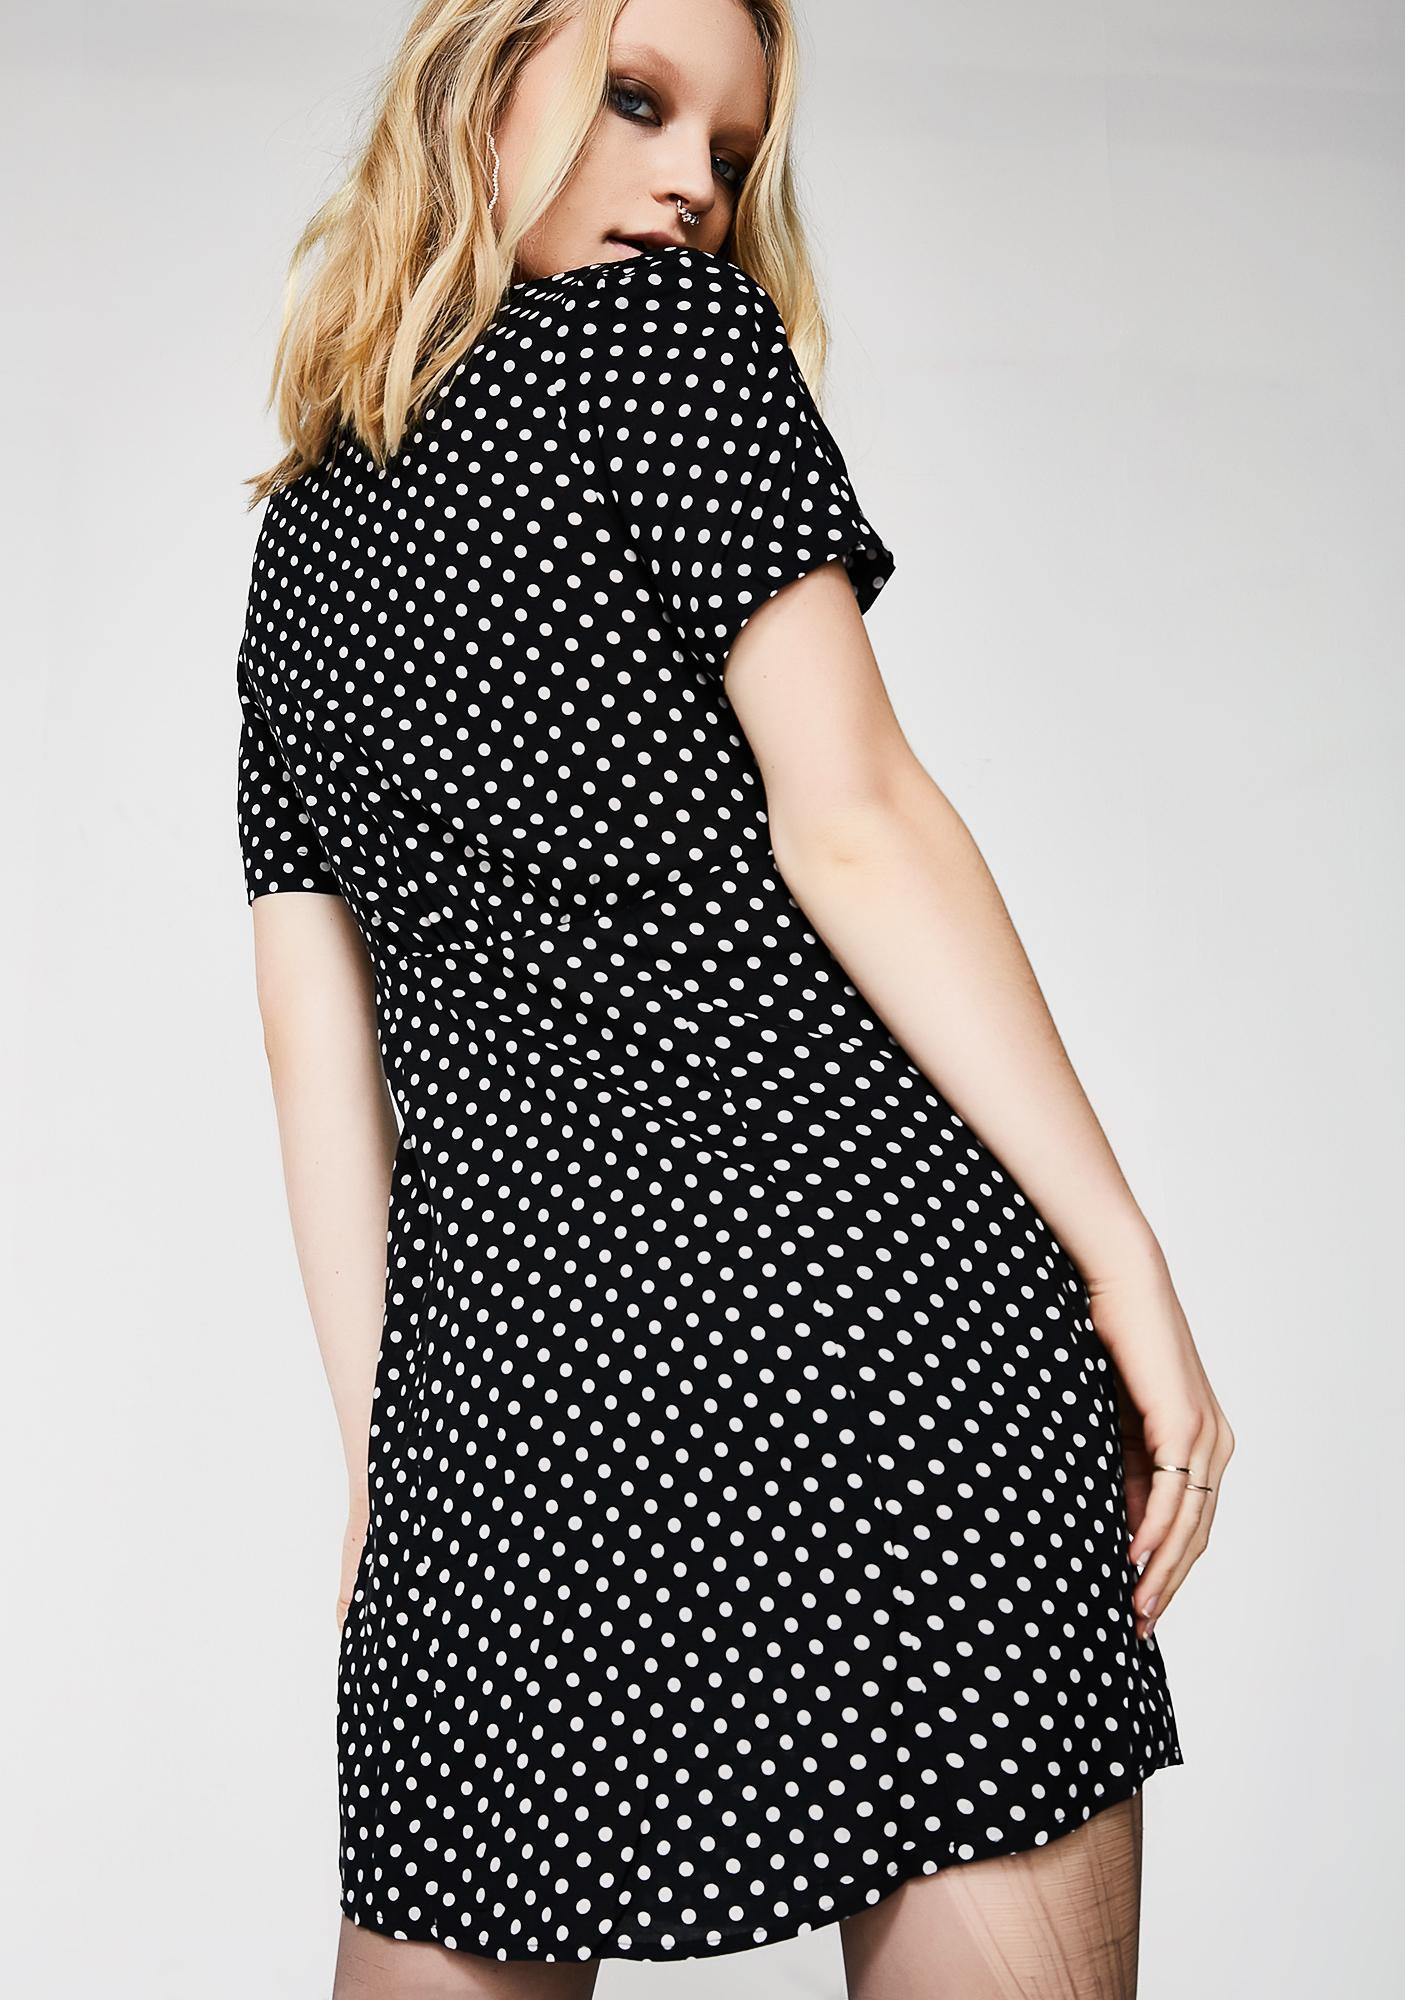 Kasuma Polka Dot Dress